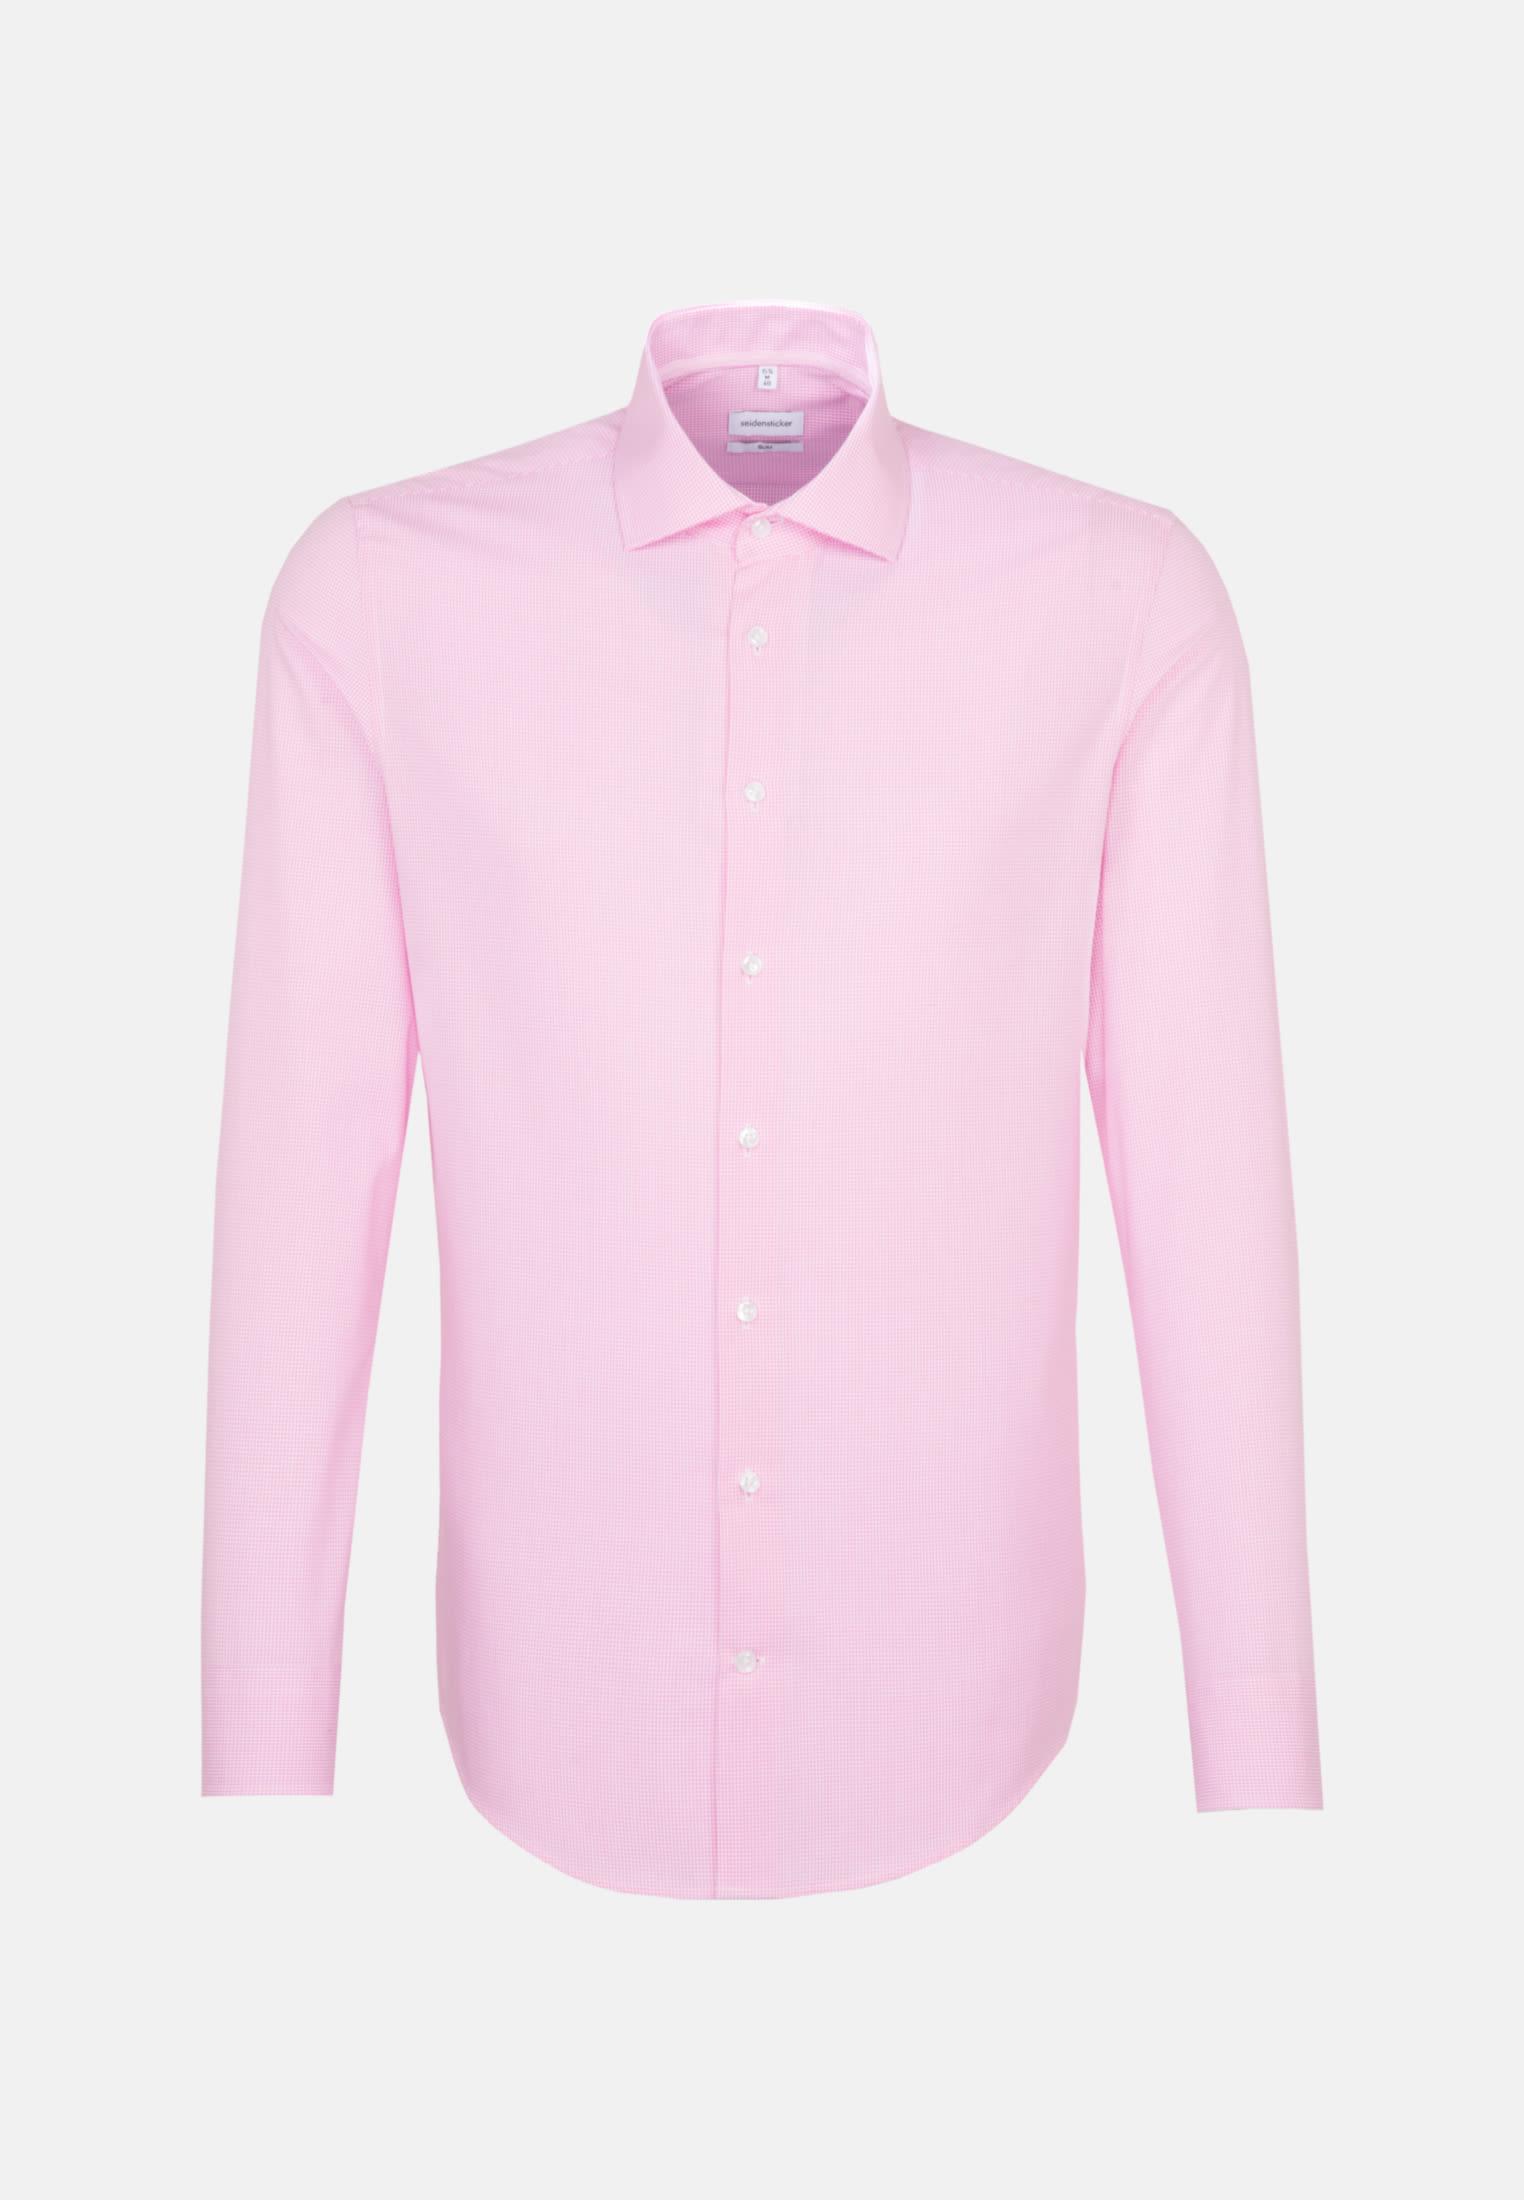 Bügelfreies Popeline Business Hemd in Slim mit Kentkragen in Rosa/Pink |  Seidensticker Onlineshop